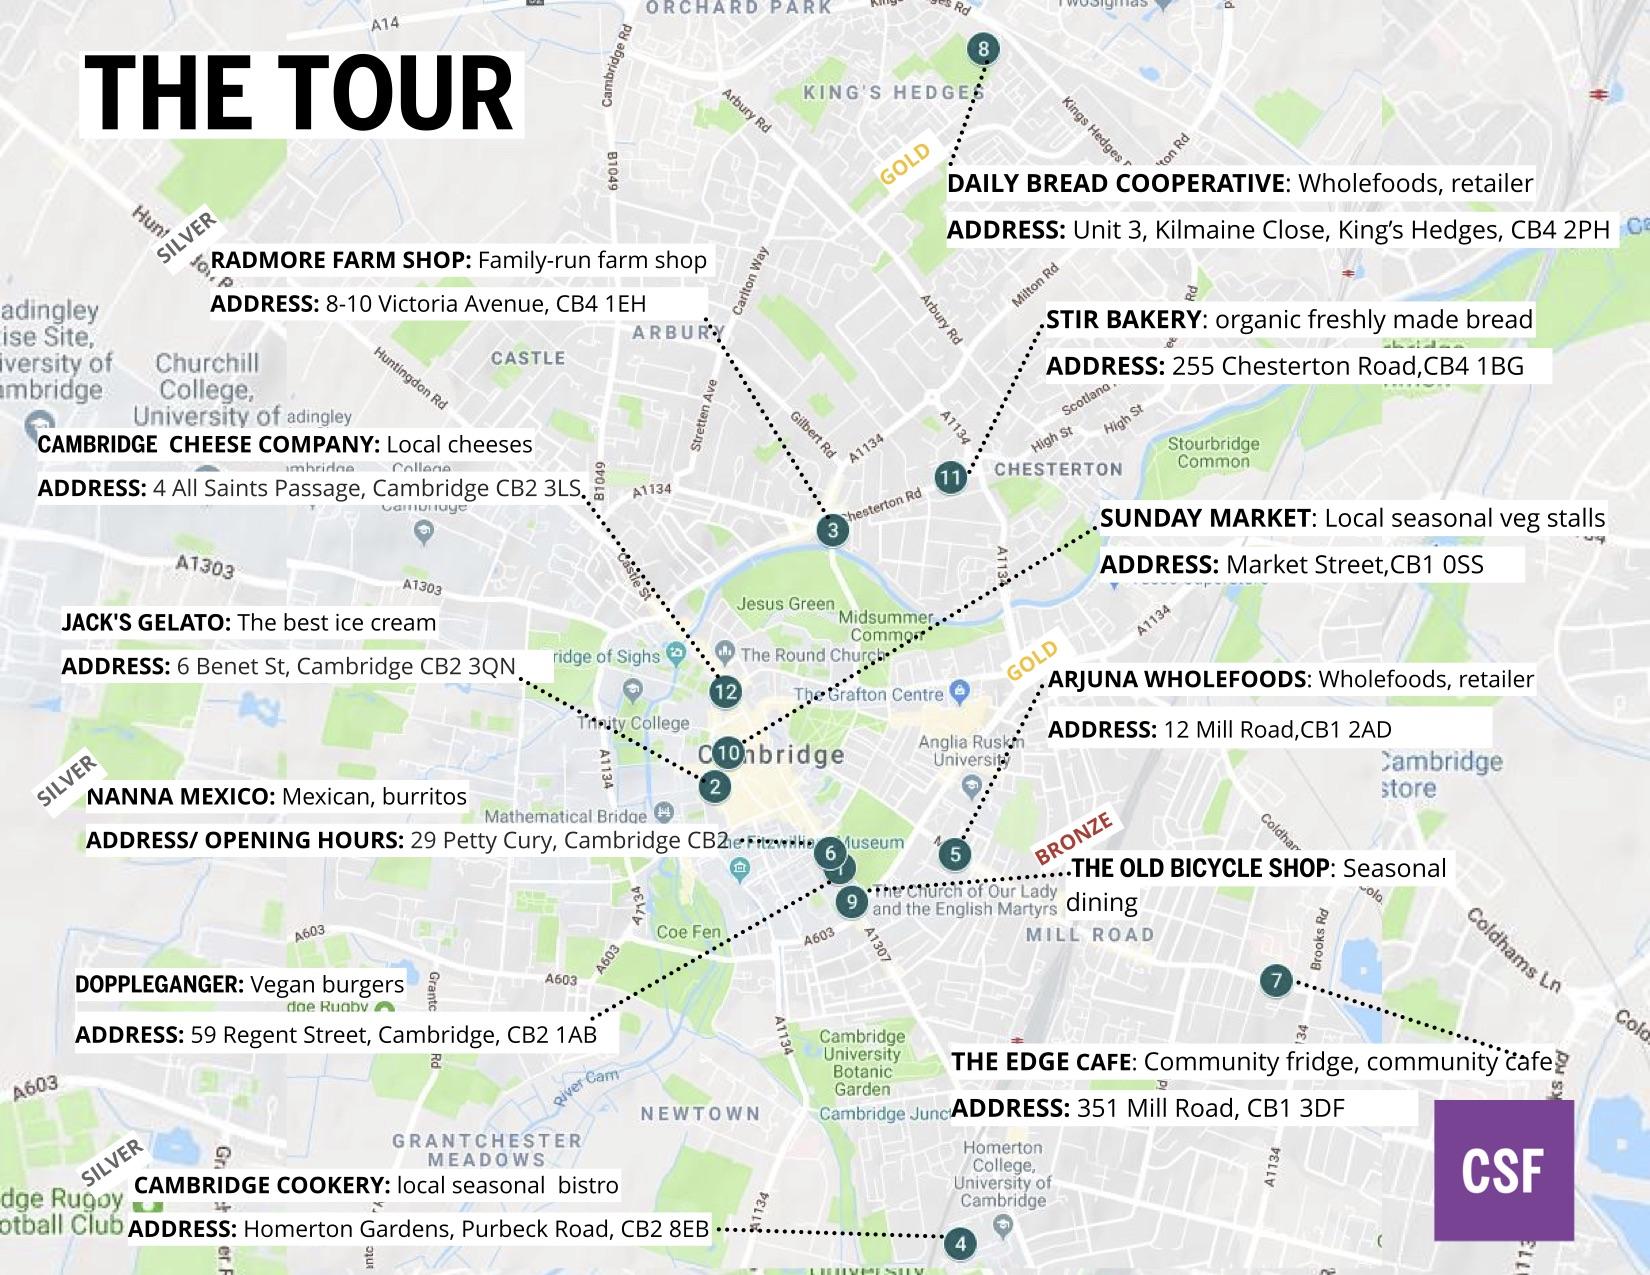 sustainablefoodtourmap.jpg